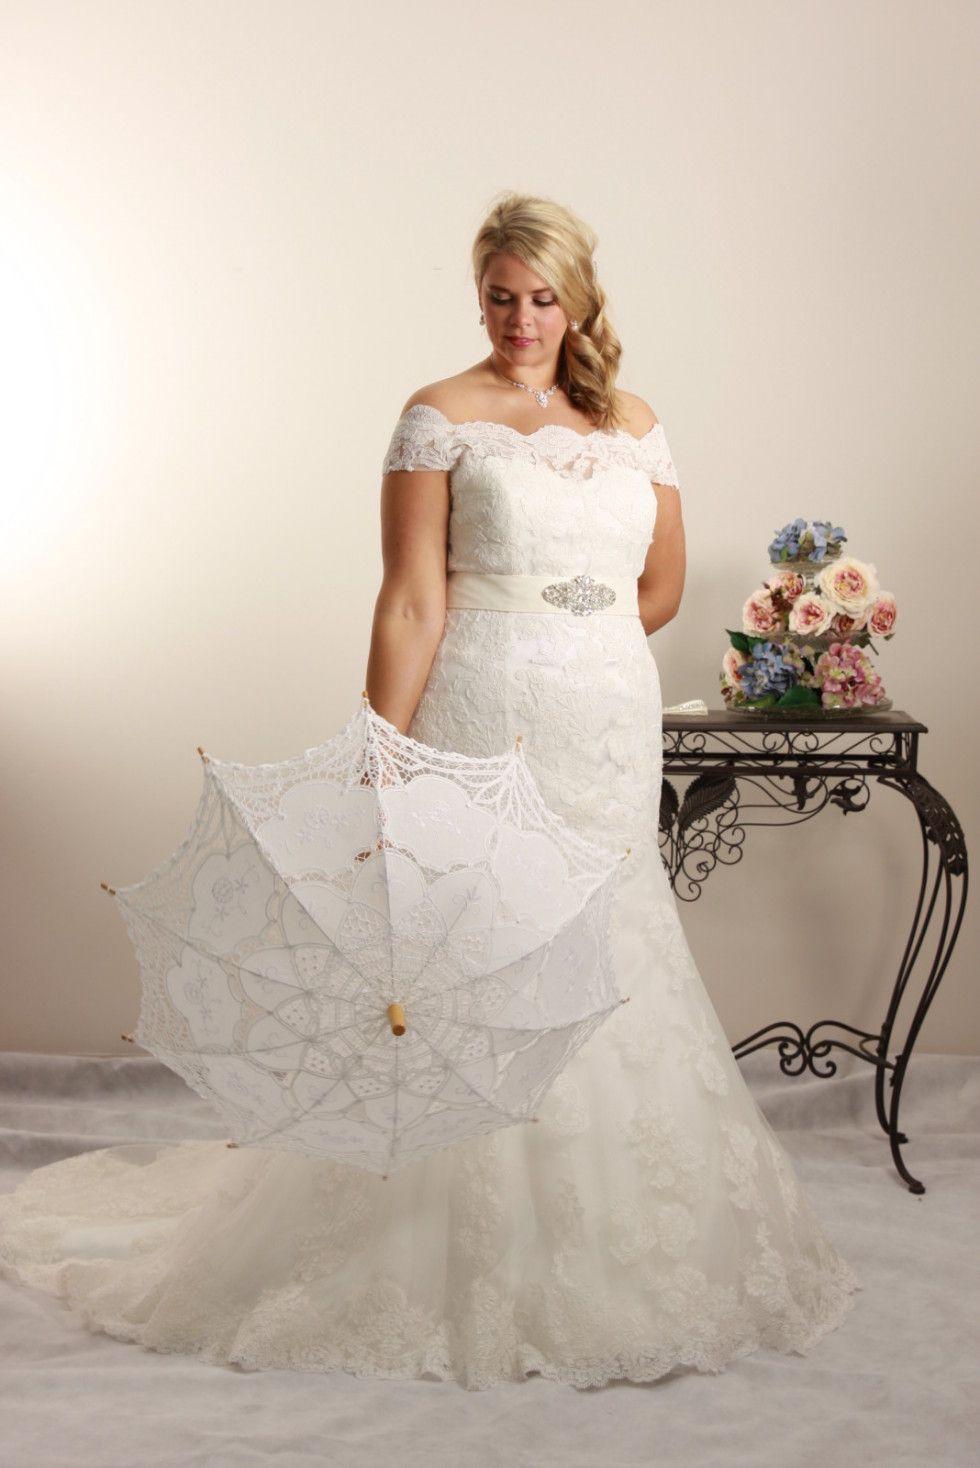 Wedding Dress Plus Size Bec - Bridal gowns Melbourne | Curvy Bride ...